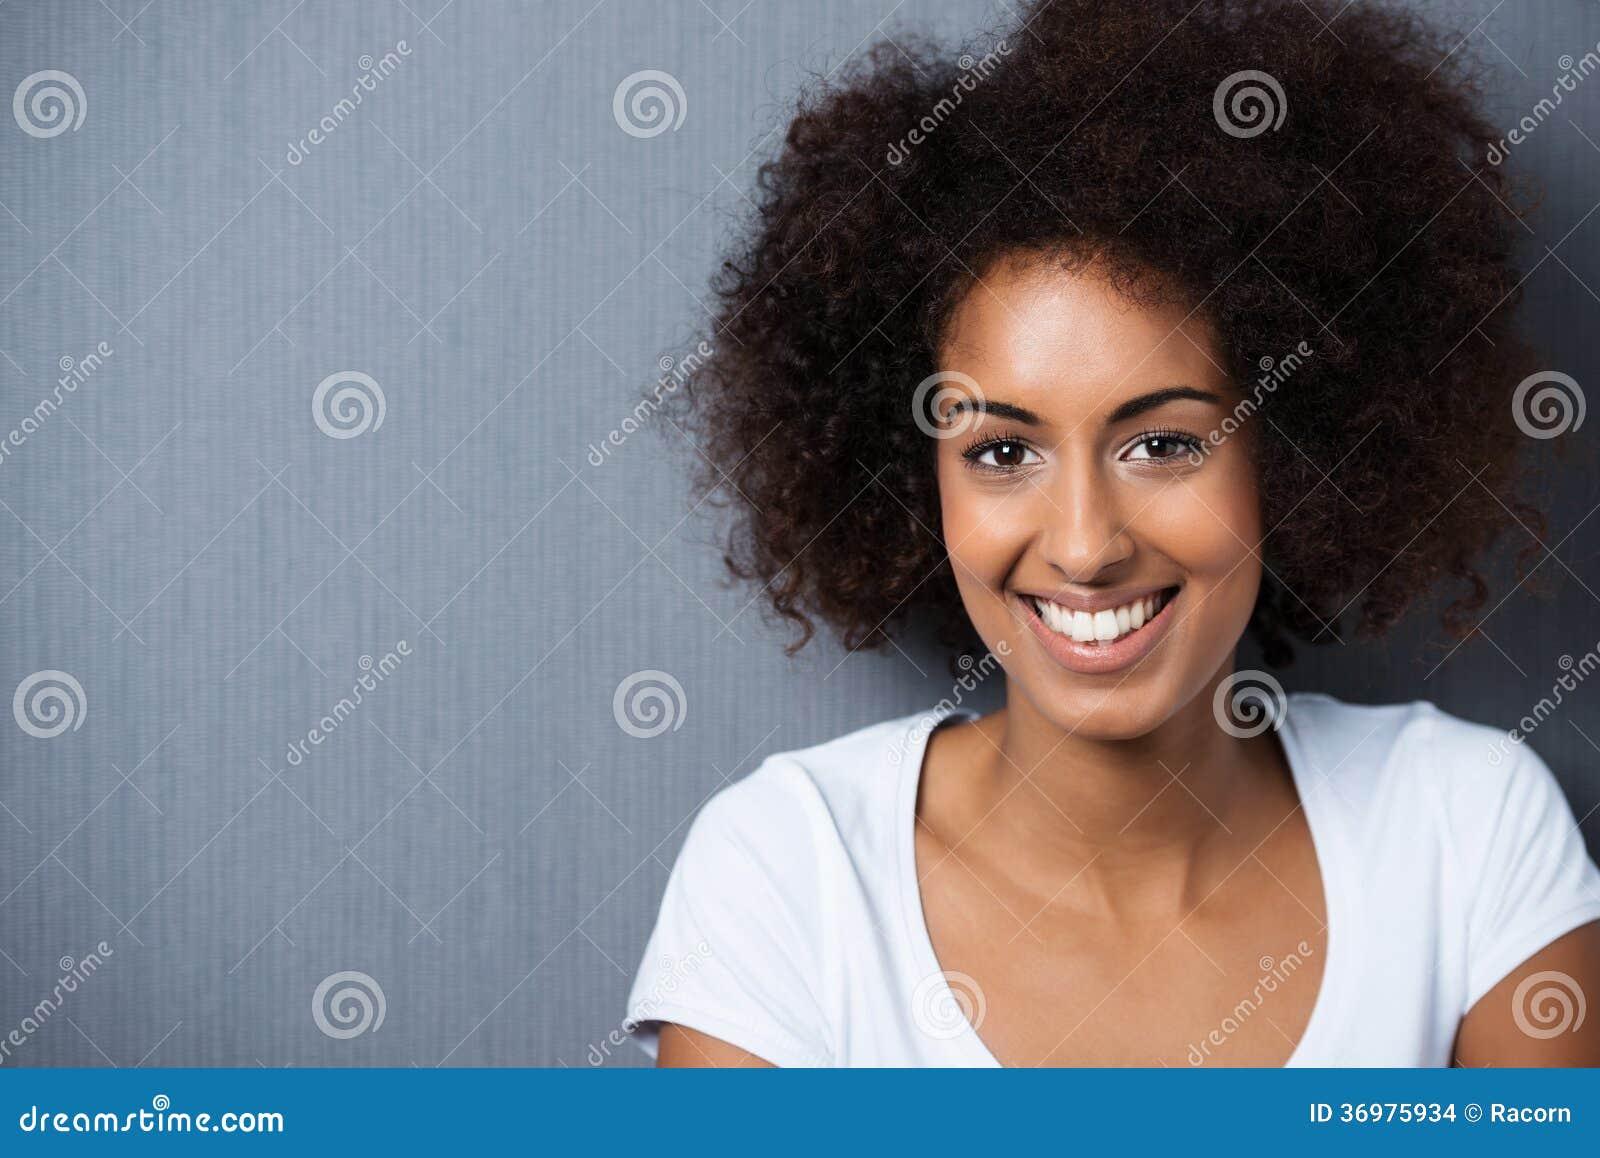 Портрет жизнерадостной Афро-американской женщины